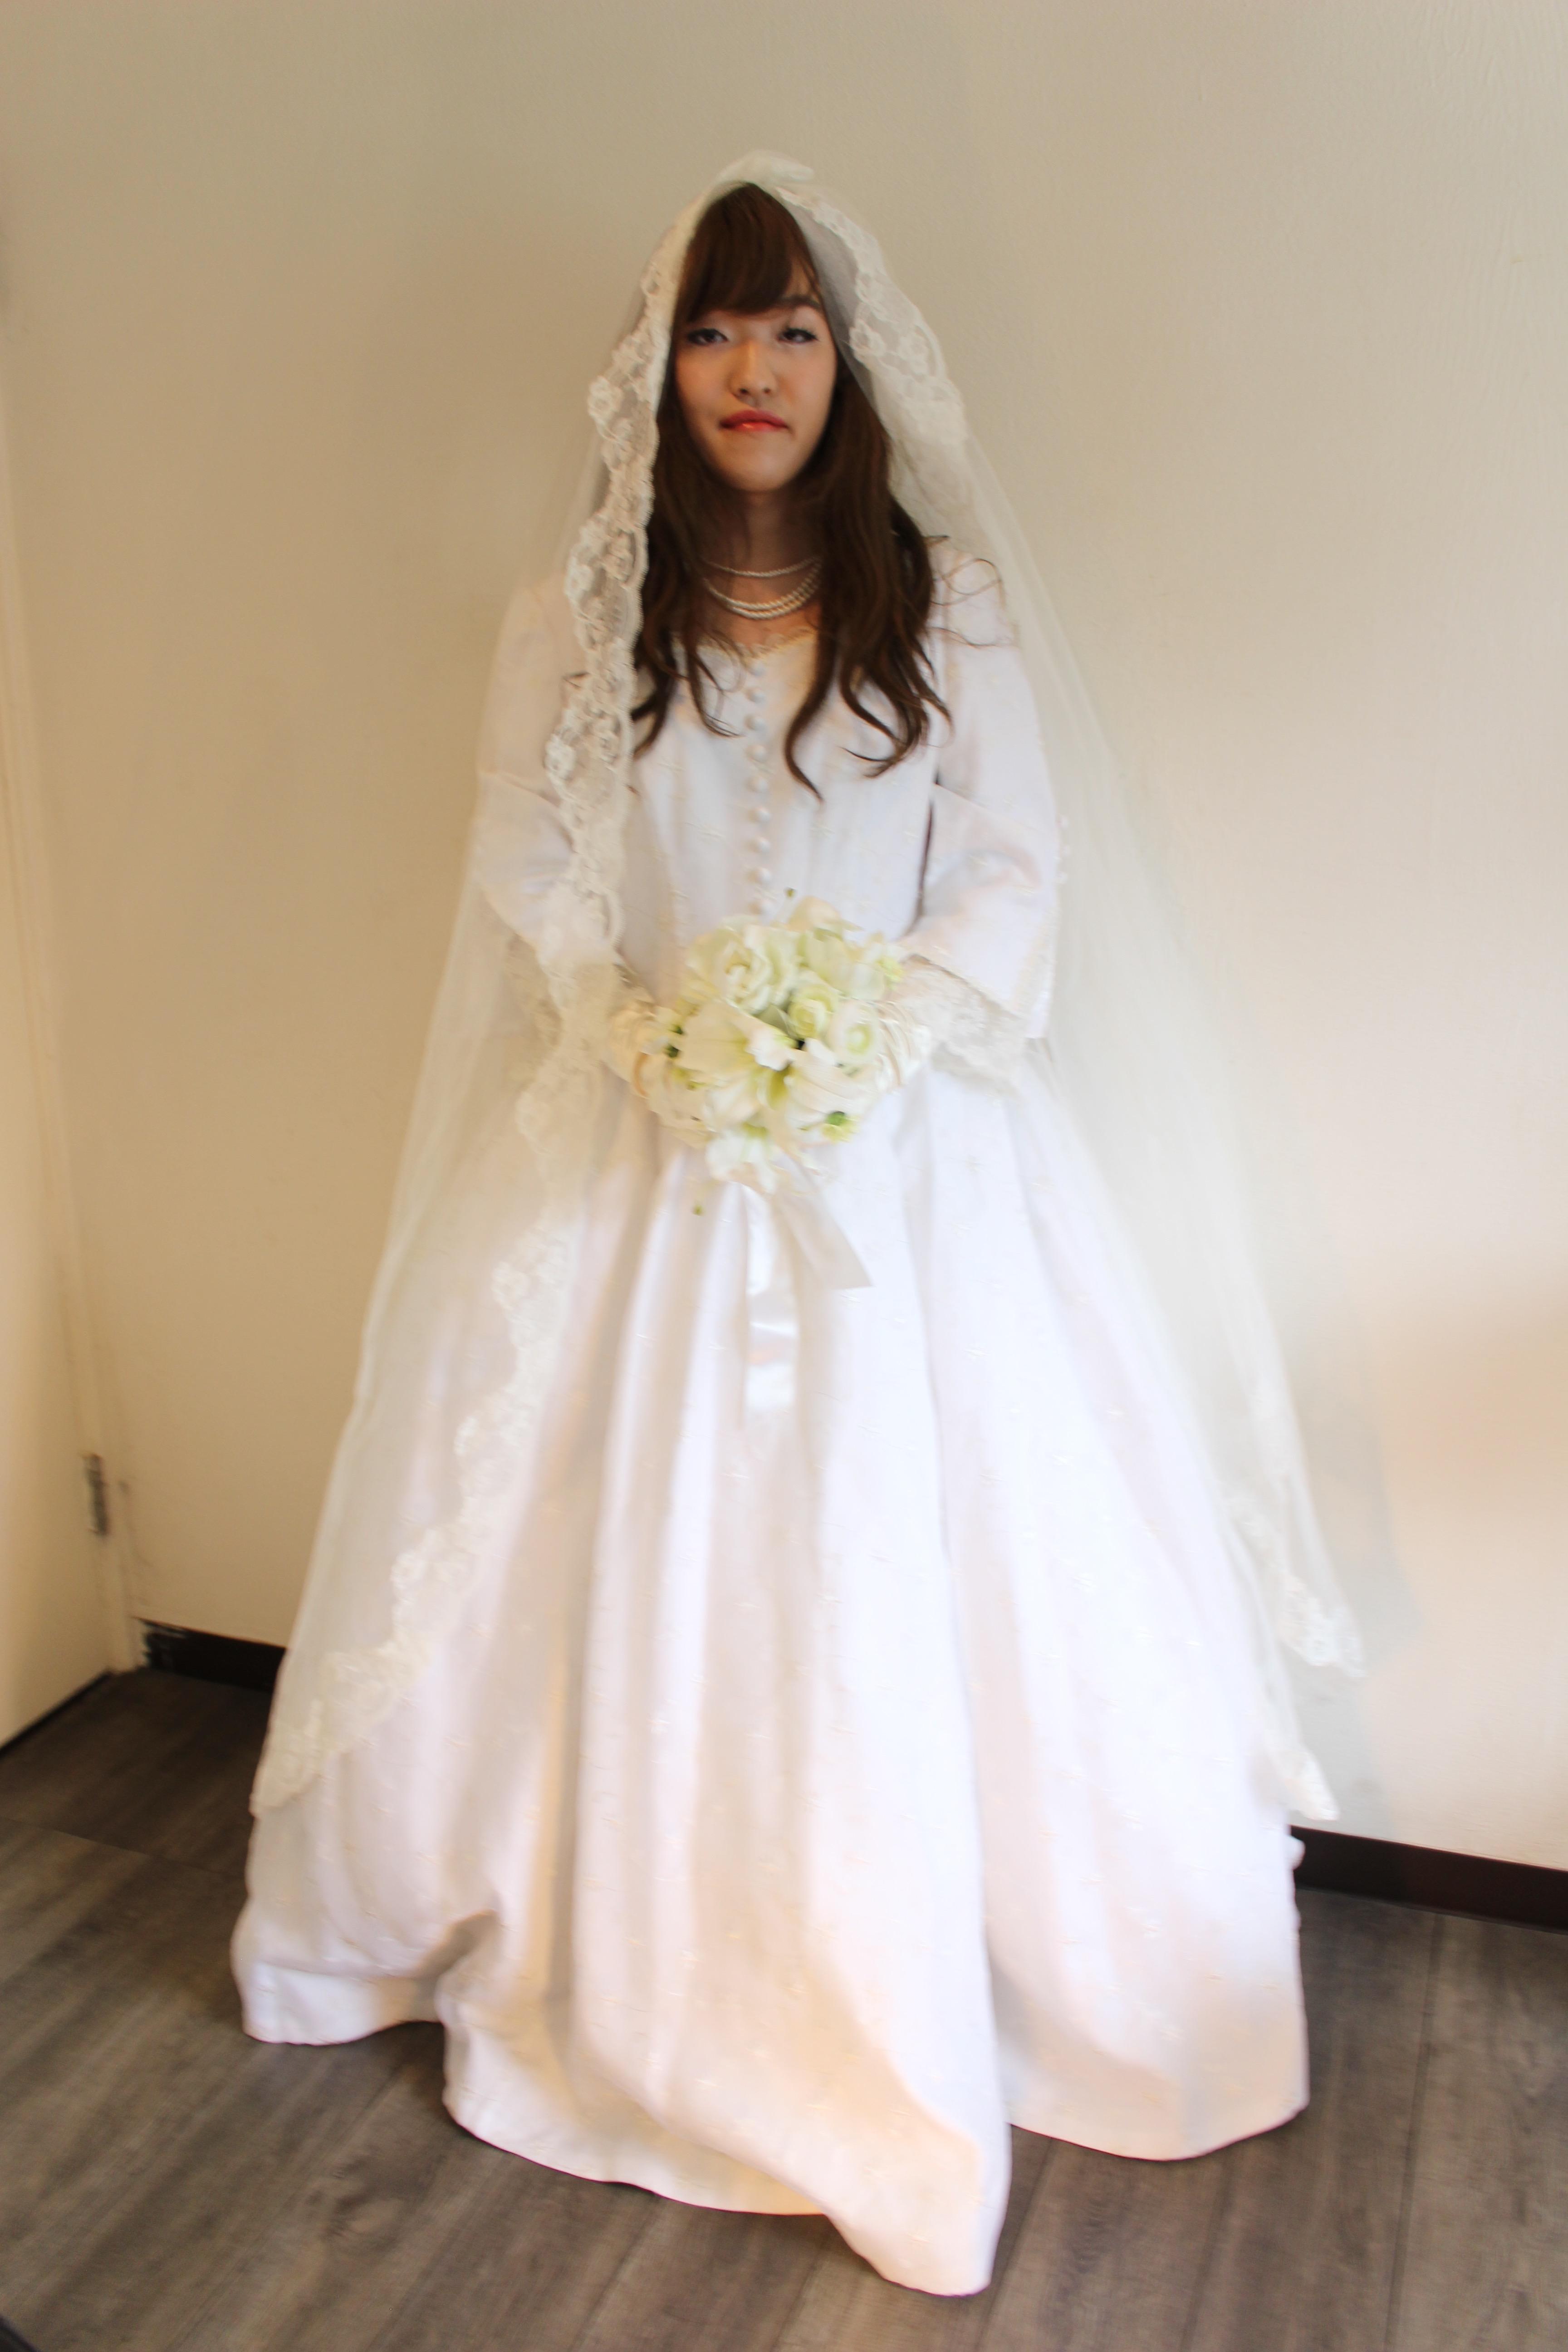 ウェディングドレスを着る貴重な体験ができて、とても幸せでした